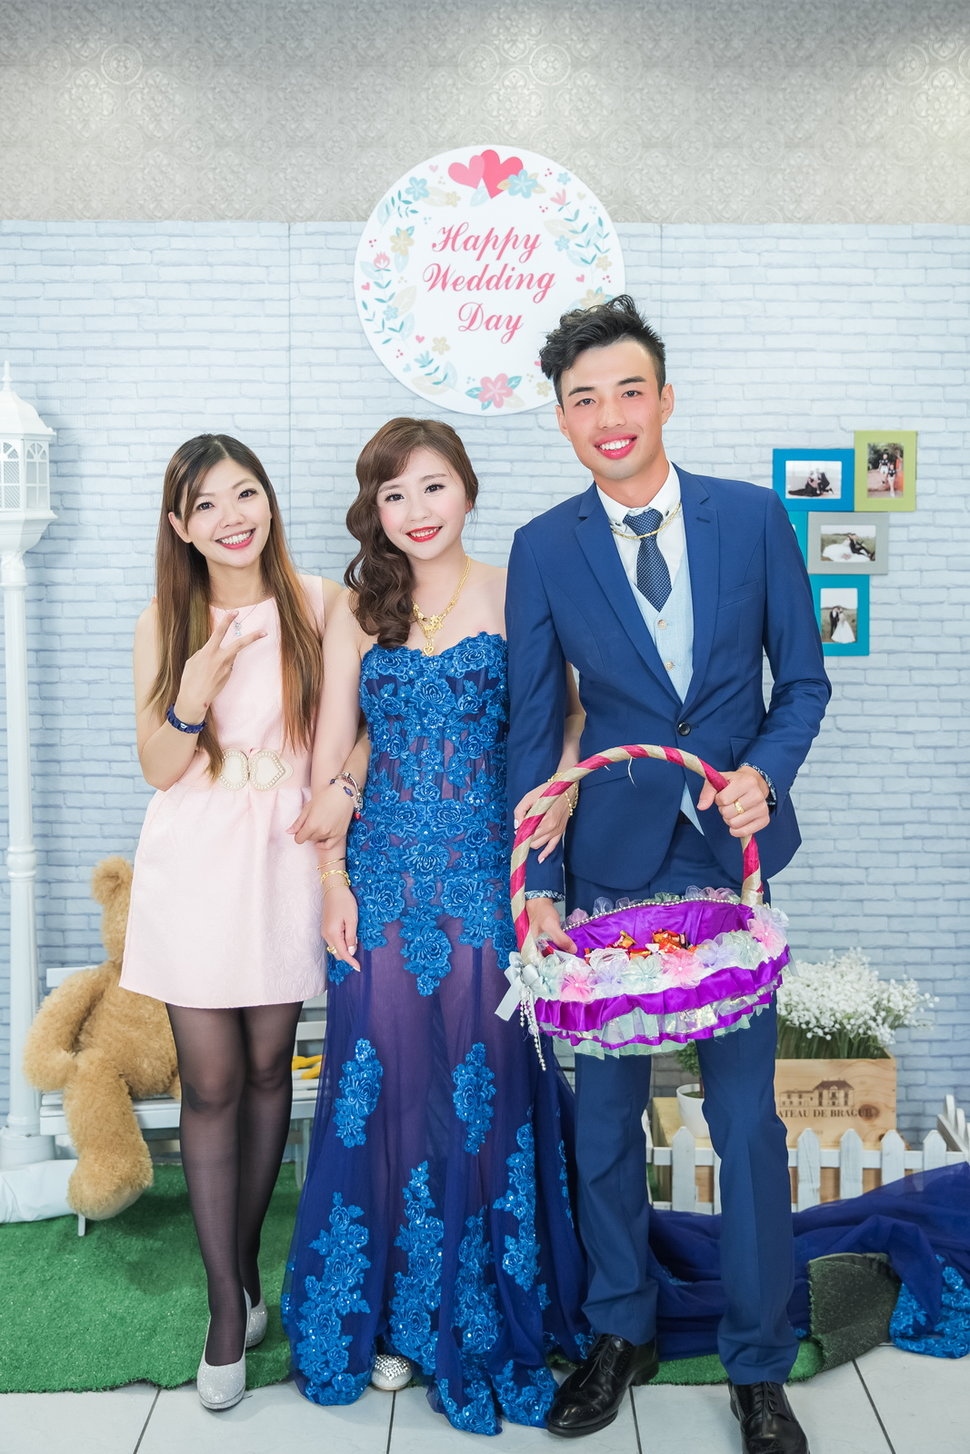 婚禮記錄- 南崁萬翔餐廳-婚攝阿卜(編號:400243) - 阿卜的攝影工作室 - 結婚吧